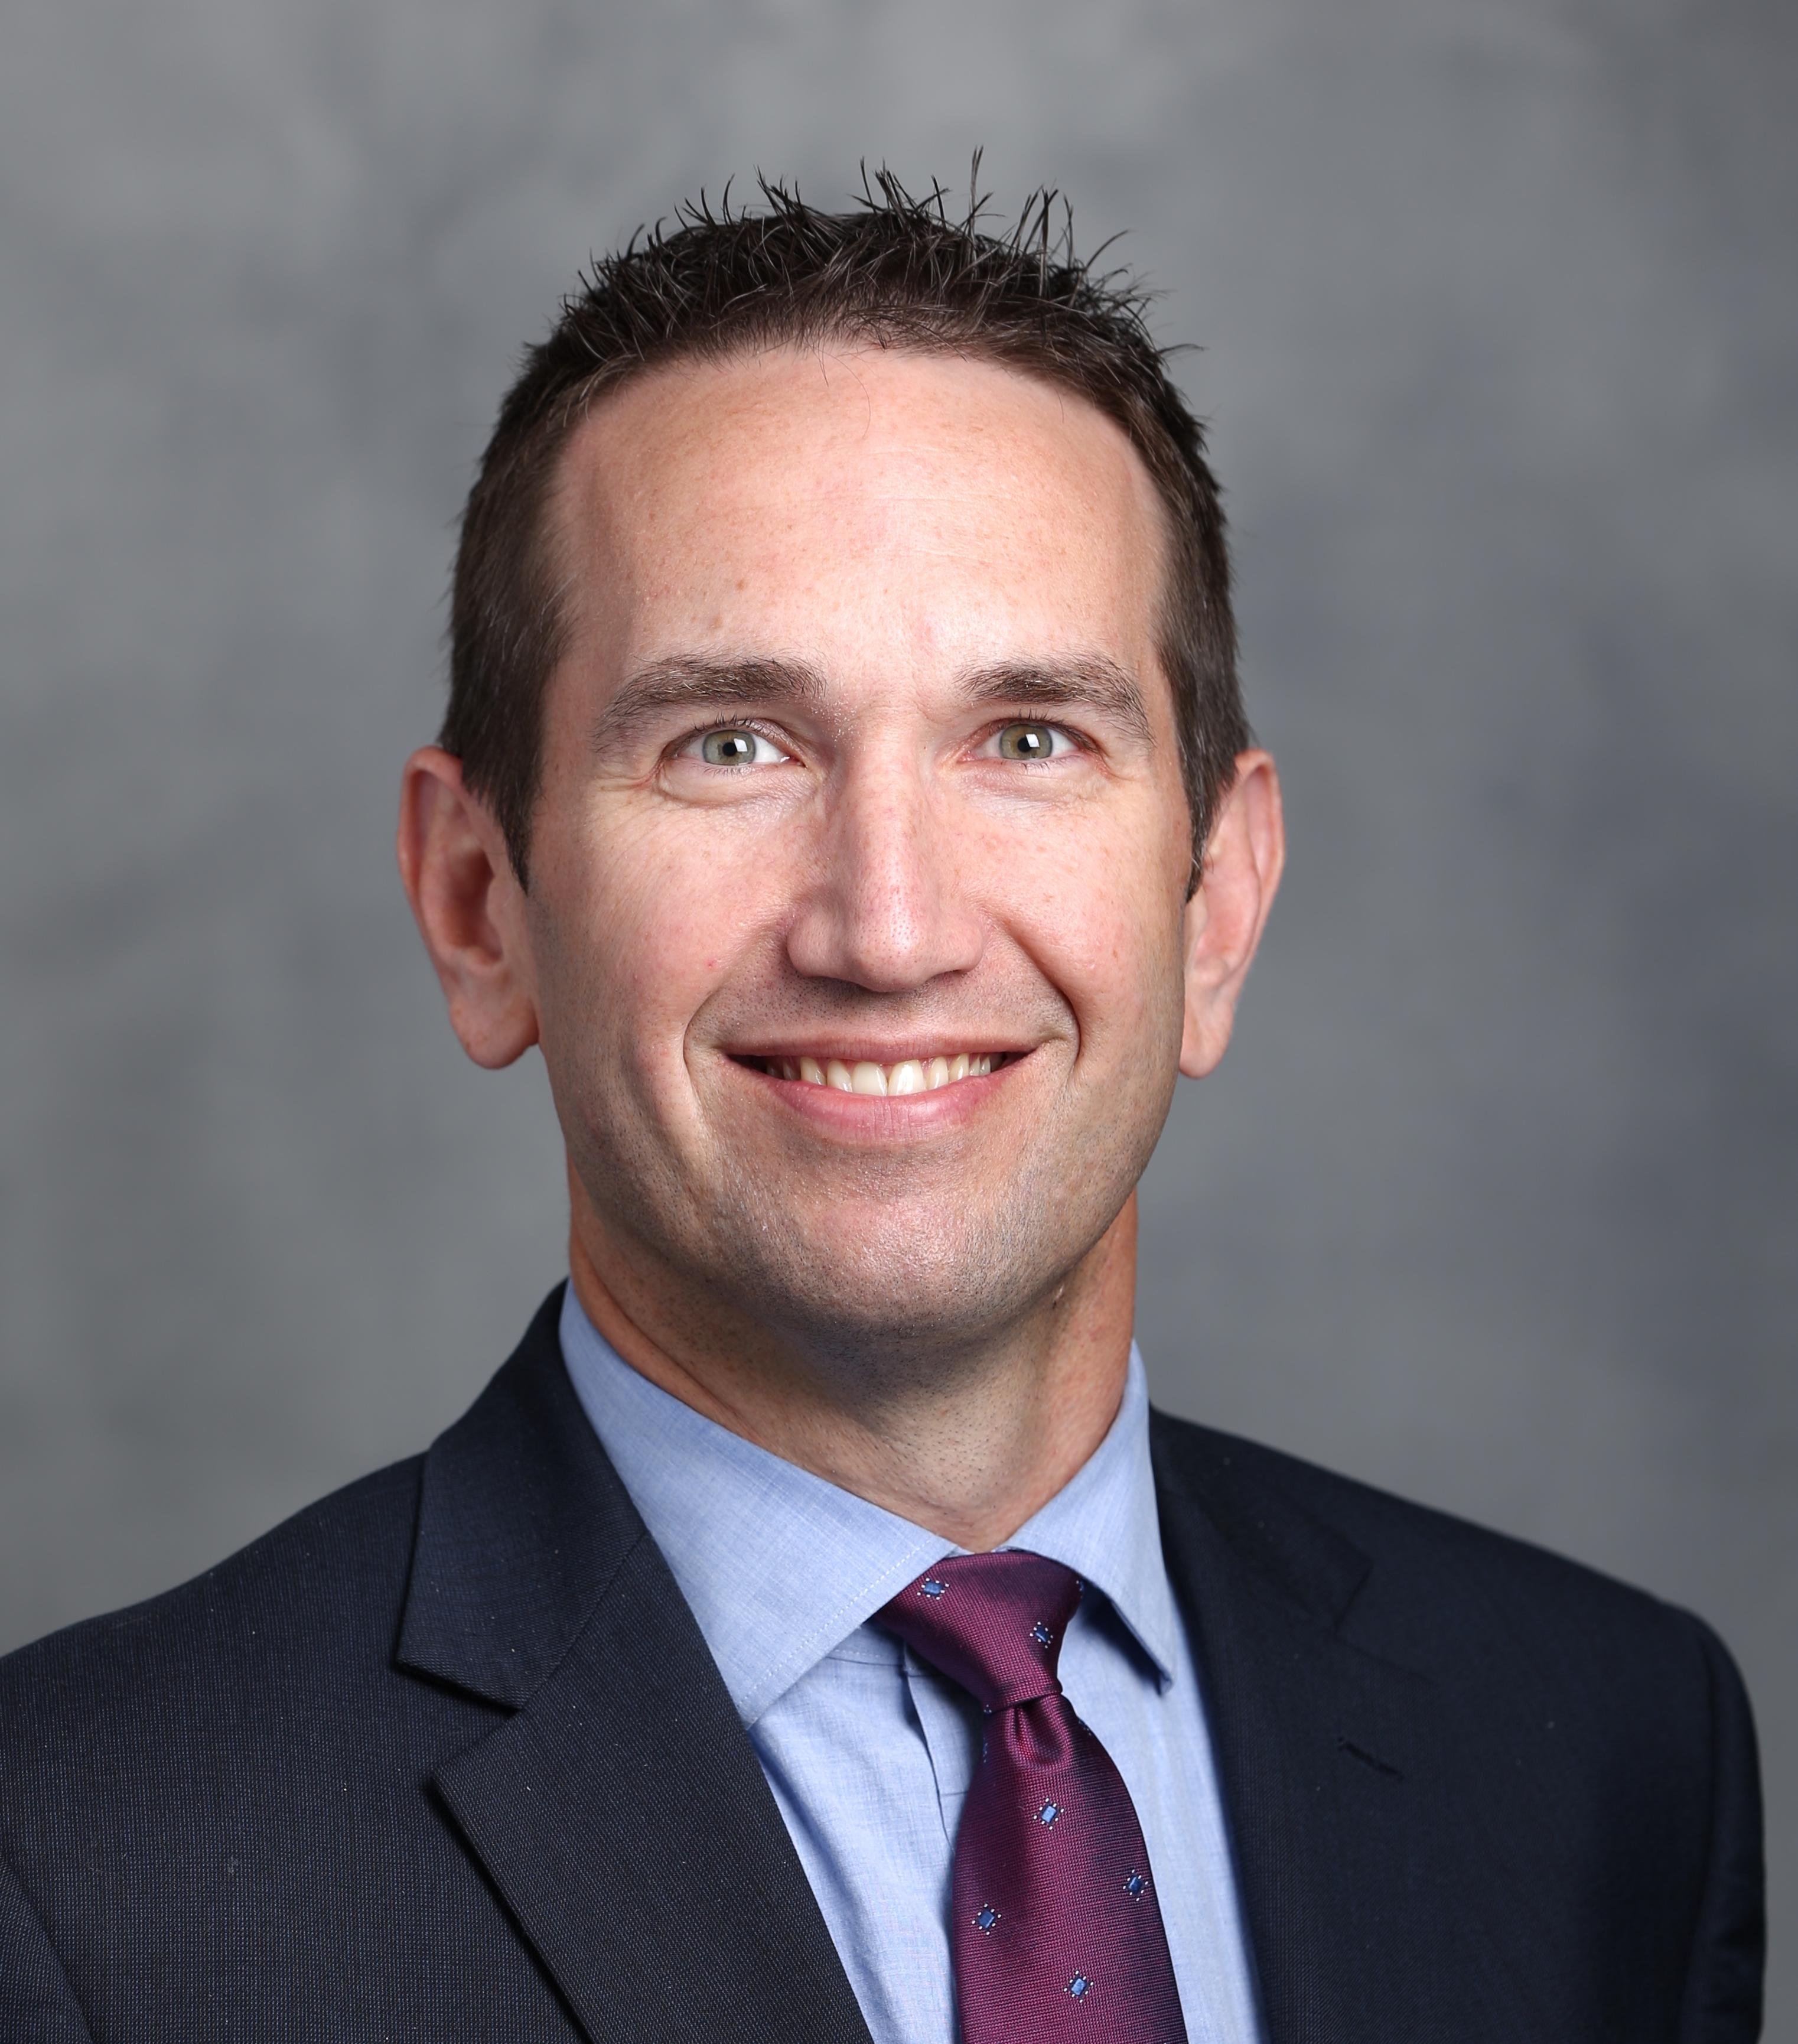 Jeffrey Macalena, MD